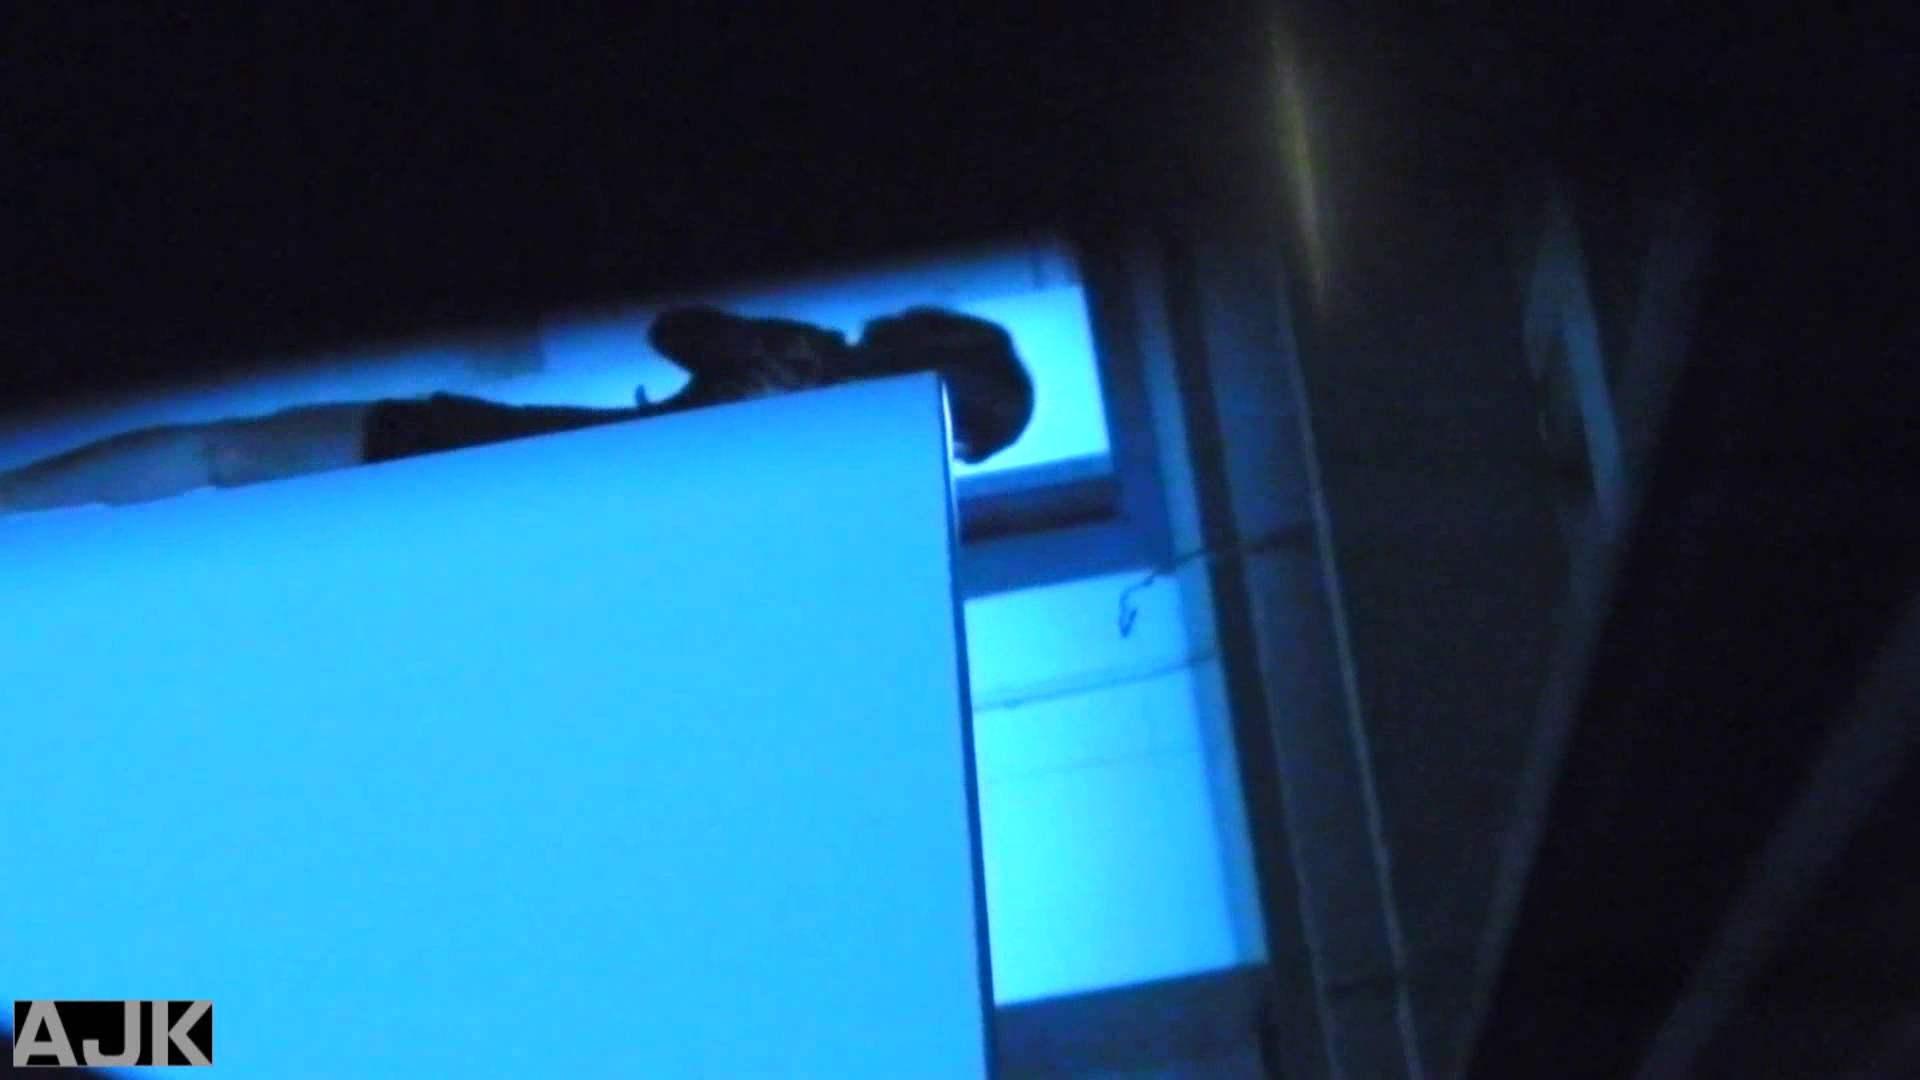 神降臨!史上最強の潜入かわや! vol.22 潜入突撃 隠し撮りオマンコ動画紹介 96pic 87